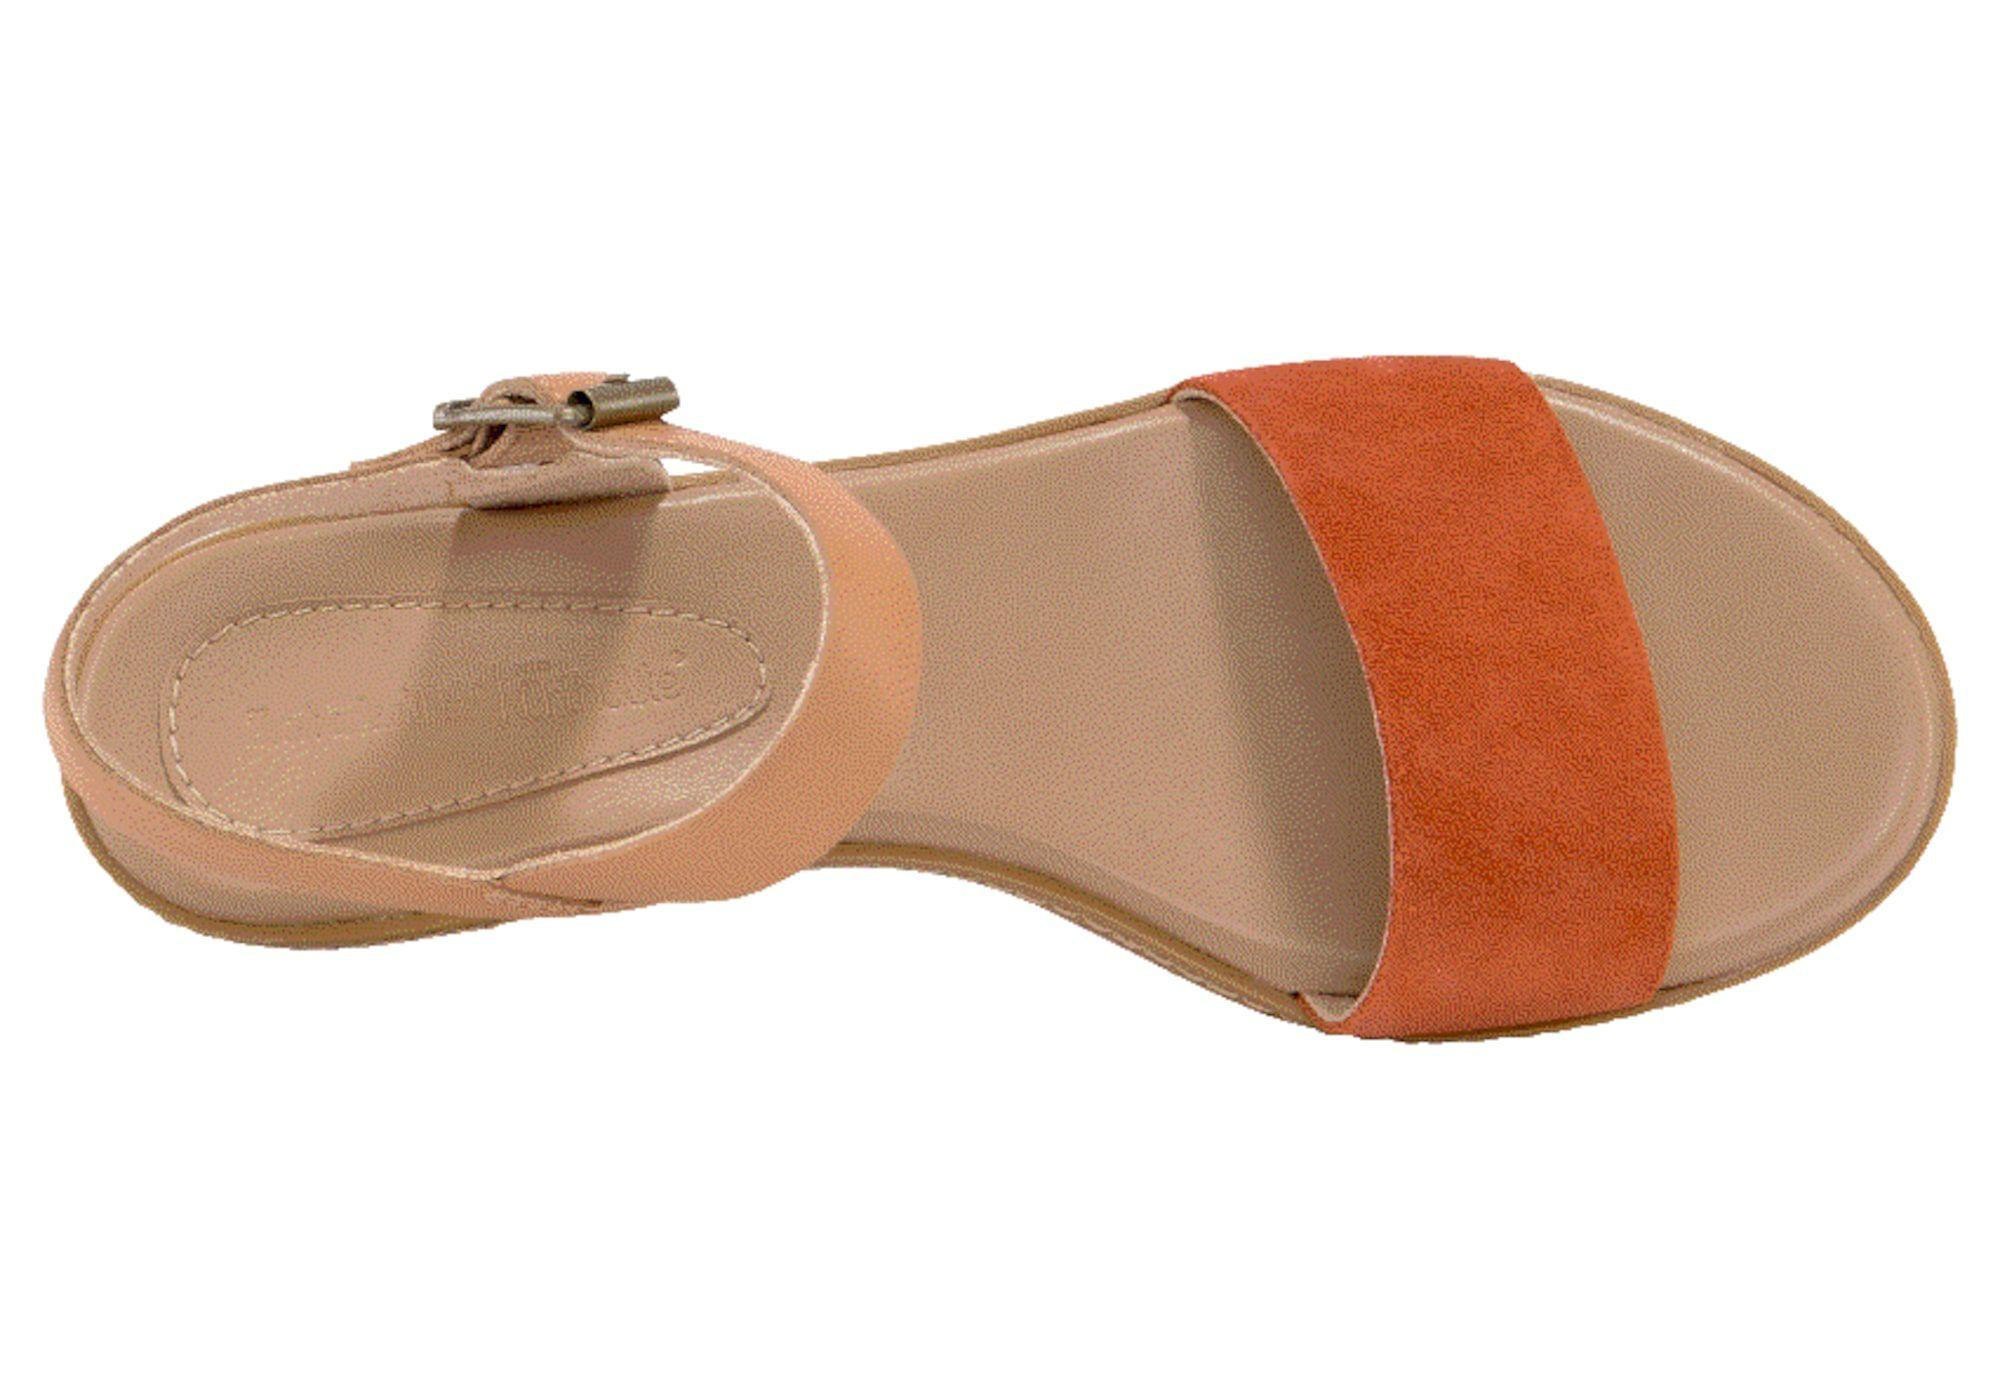 Schuhe ohne Versandkosten im ABOUT YOU Online Shop